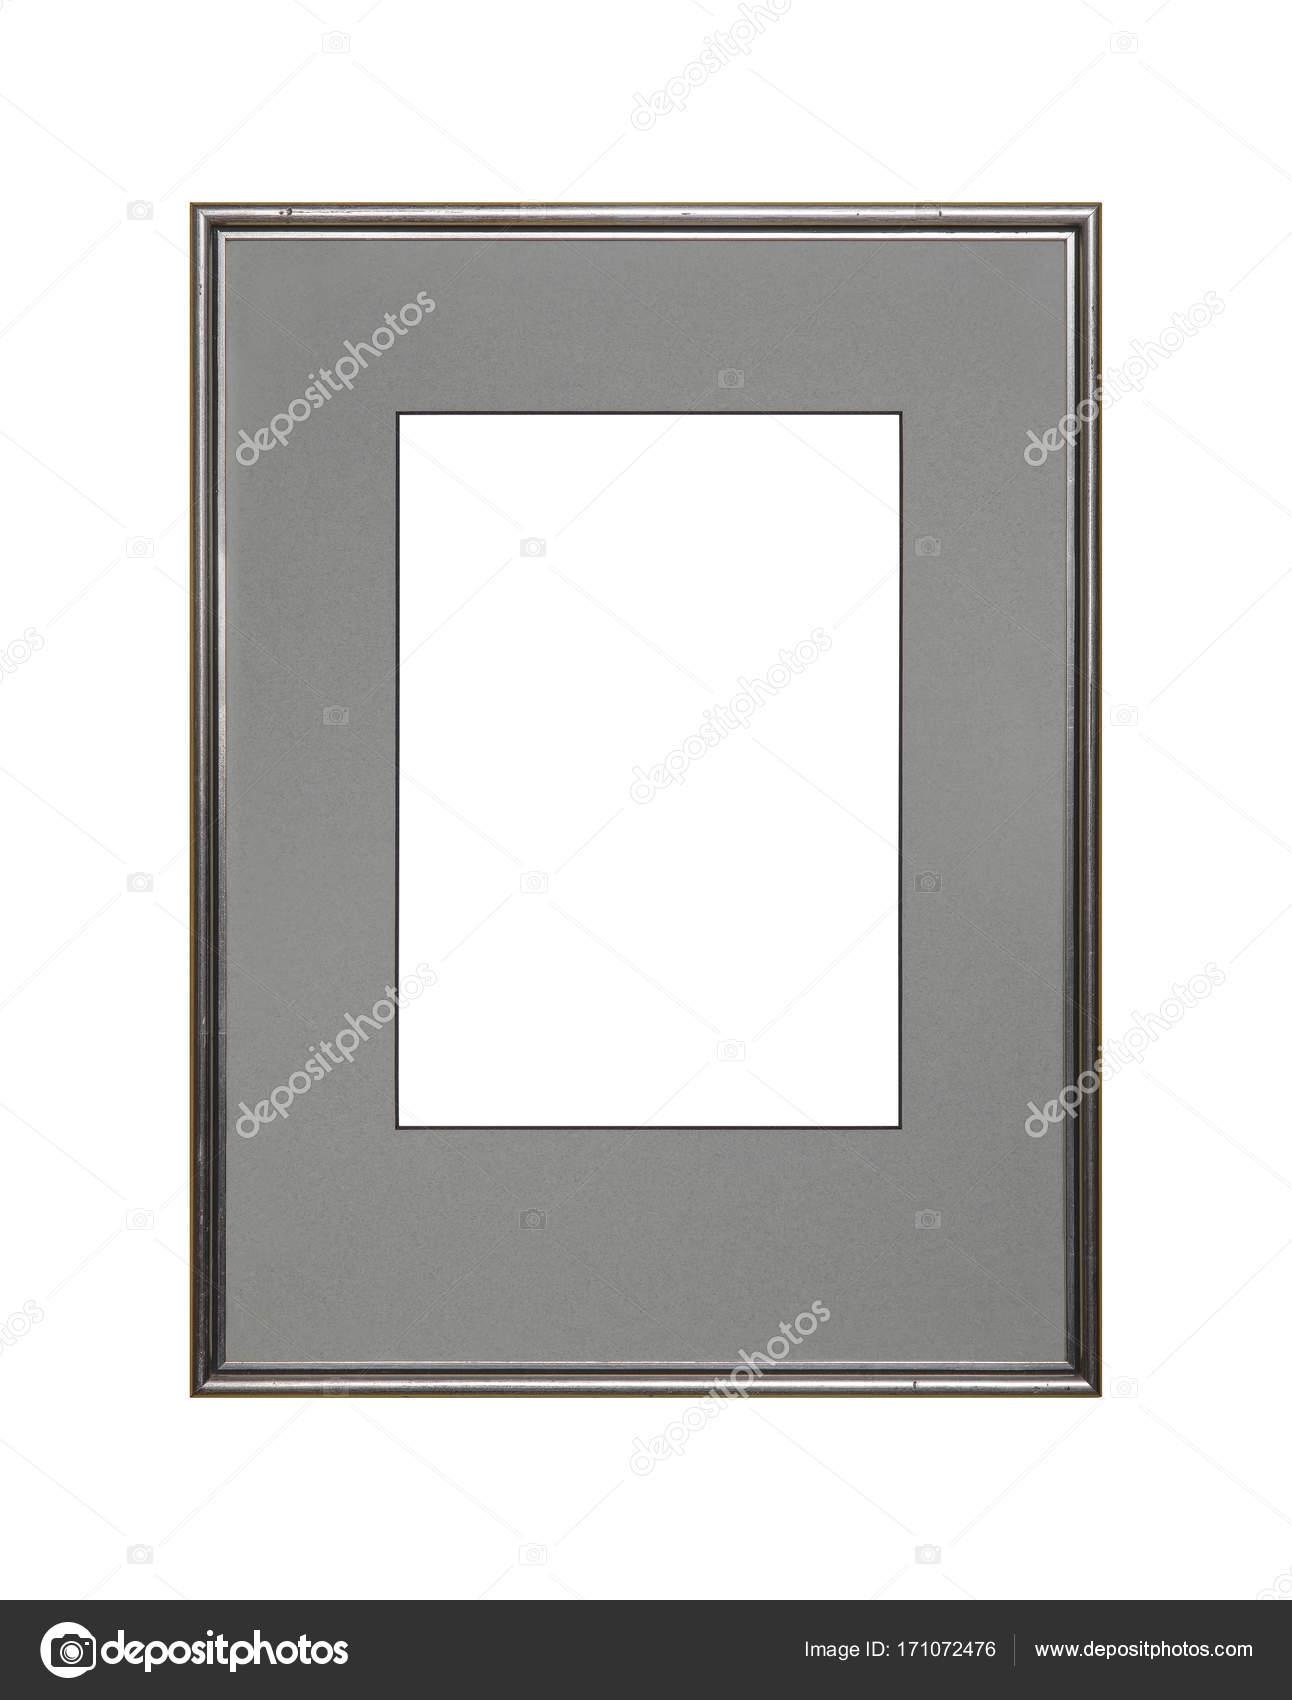 Marco de plata imagen o foto con la estera de cartón — Foto de stock ...